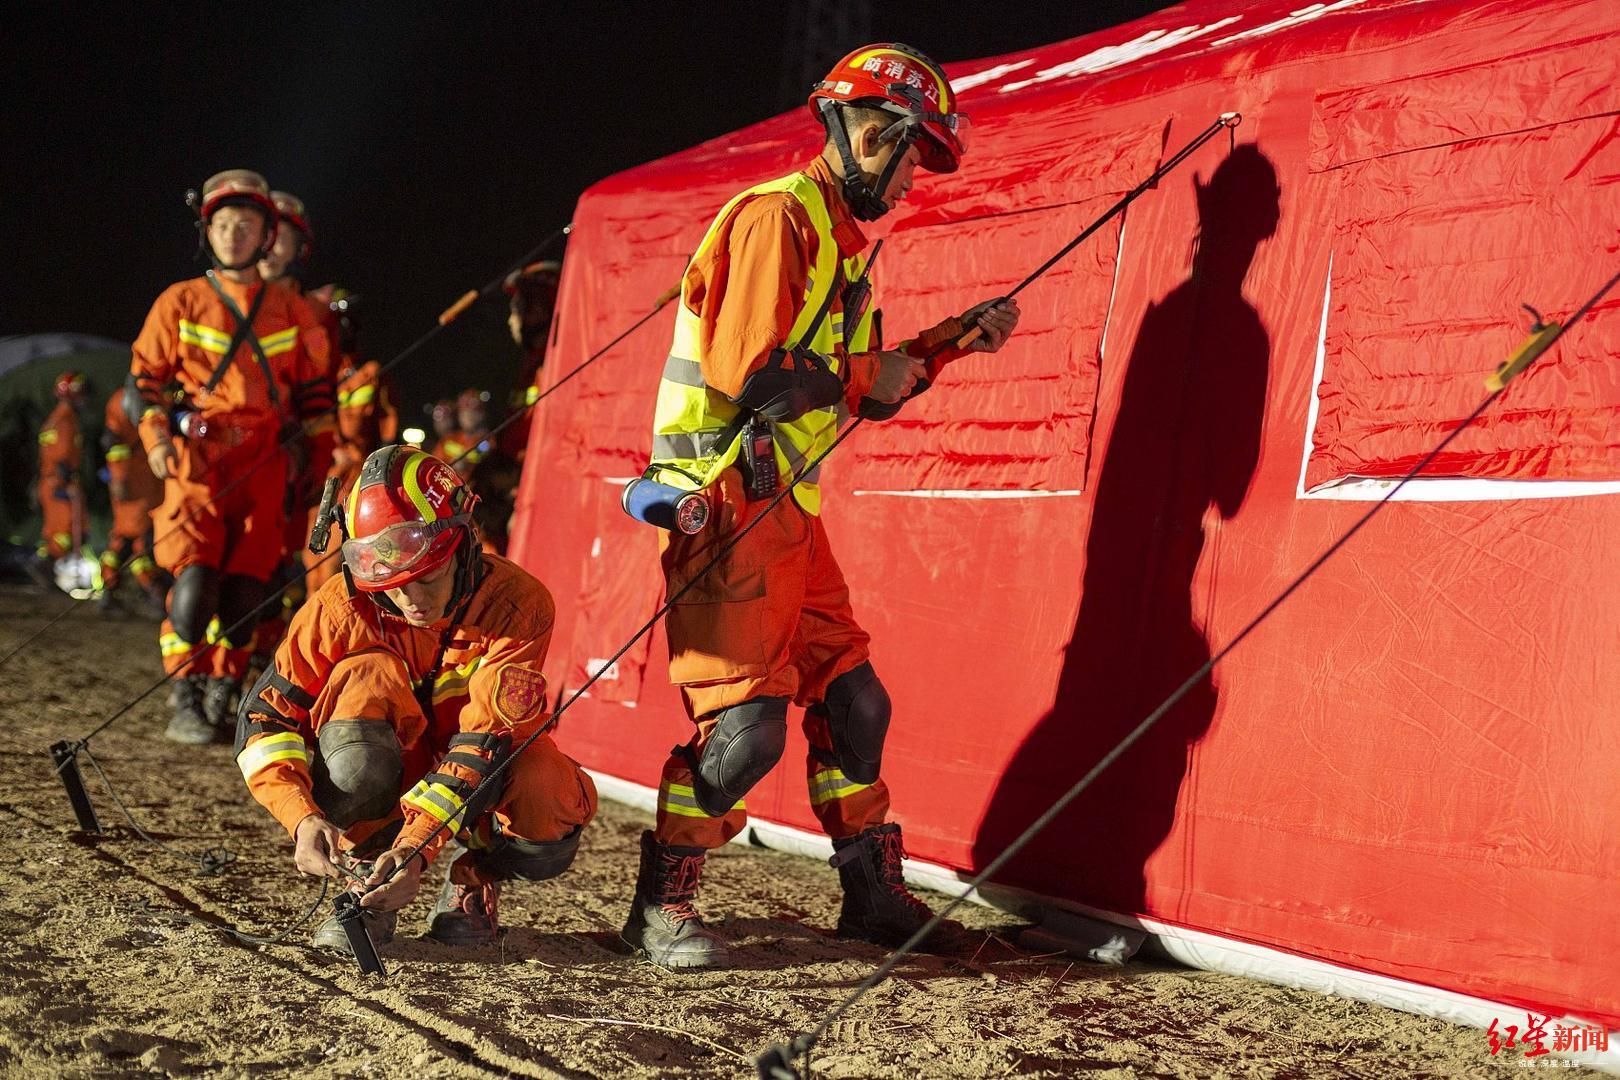 交通部等7部门发通知 消防救援人员可优先乘坐交通工具